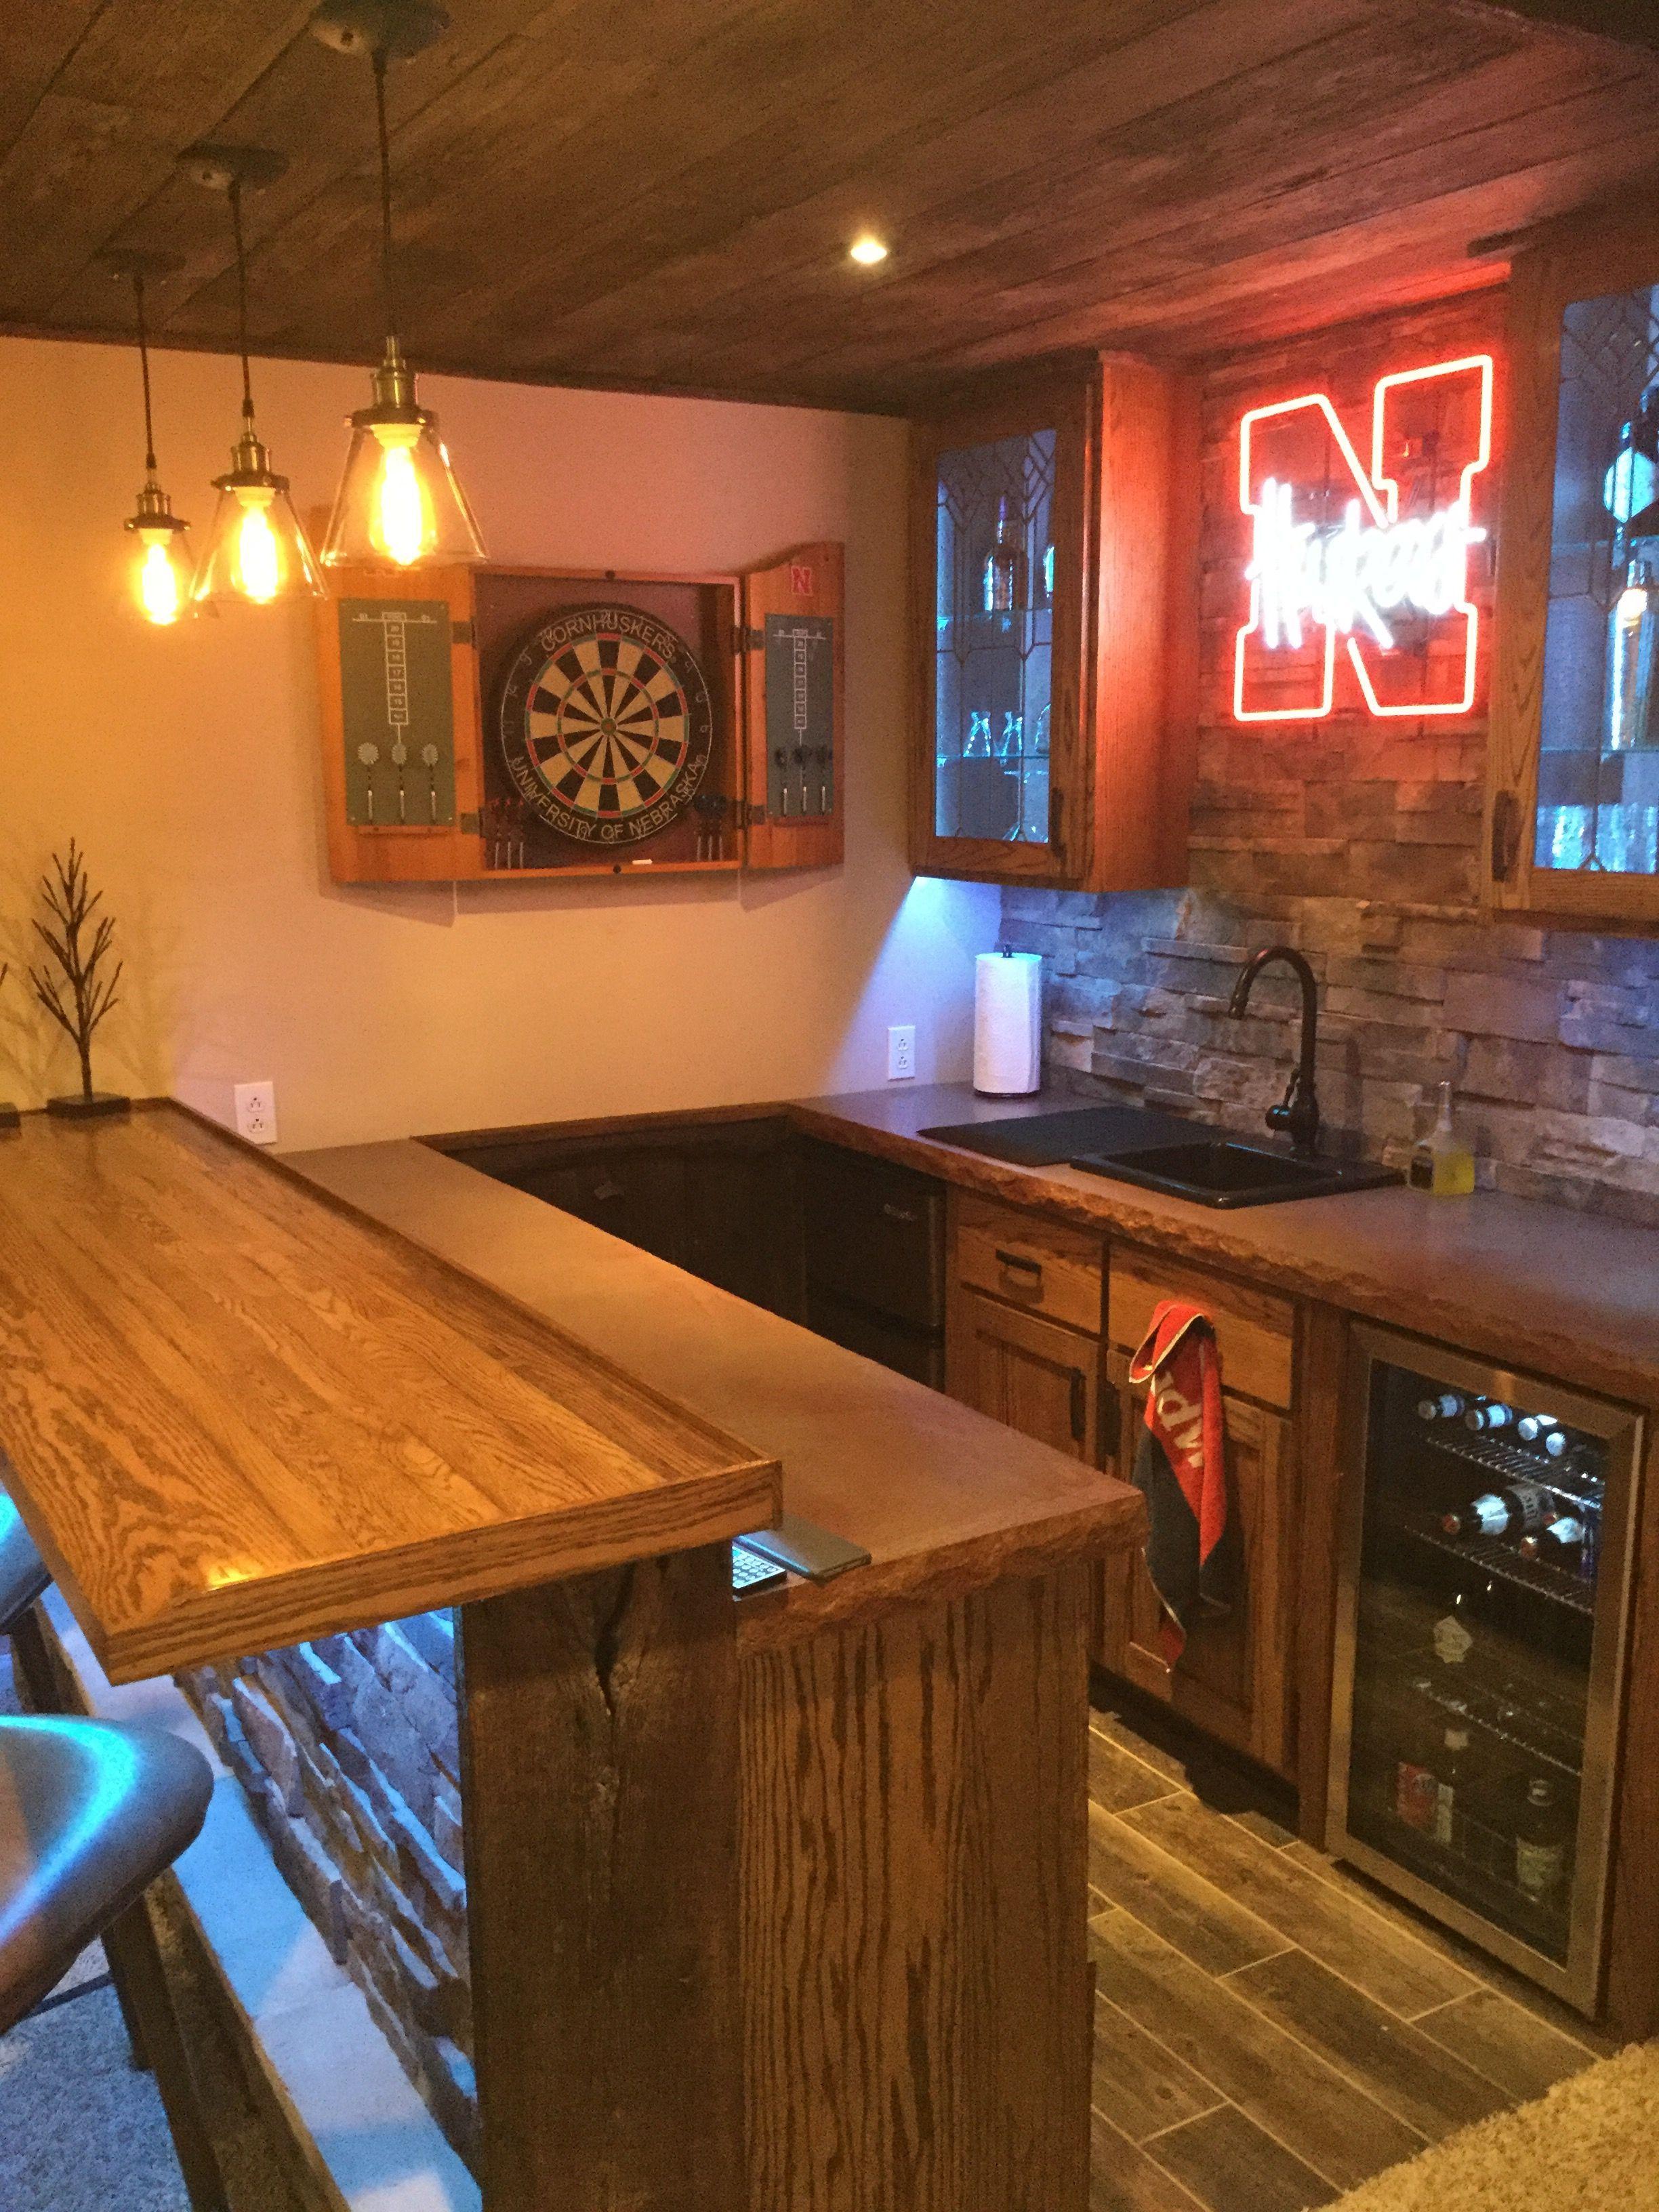 Charming Basement Bar Ideas #basementbar #basement #bar #barideas #caveman